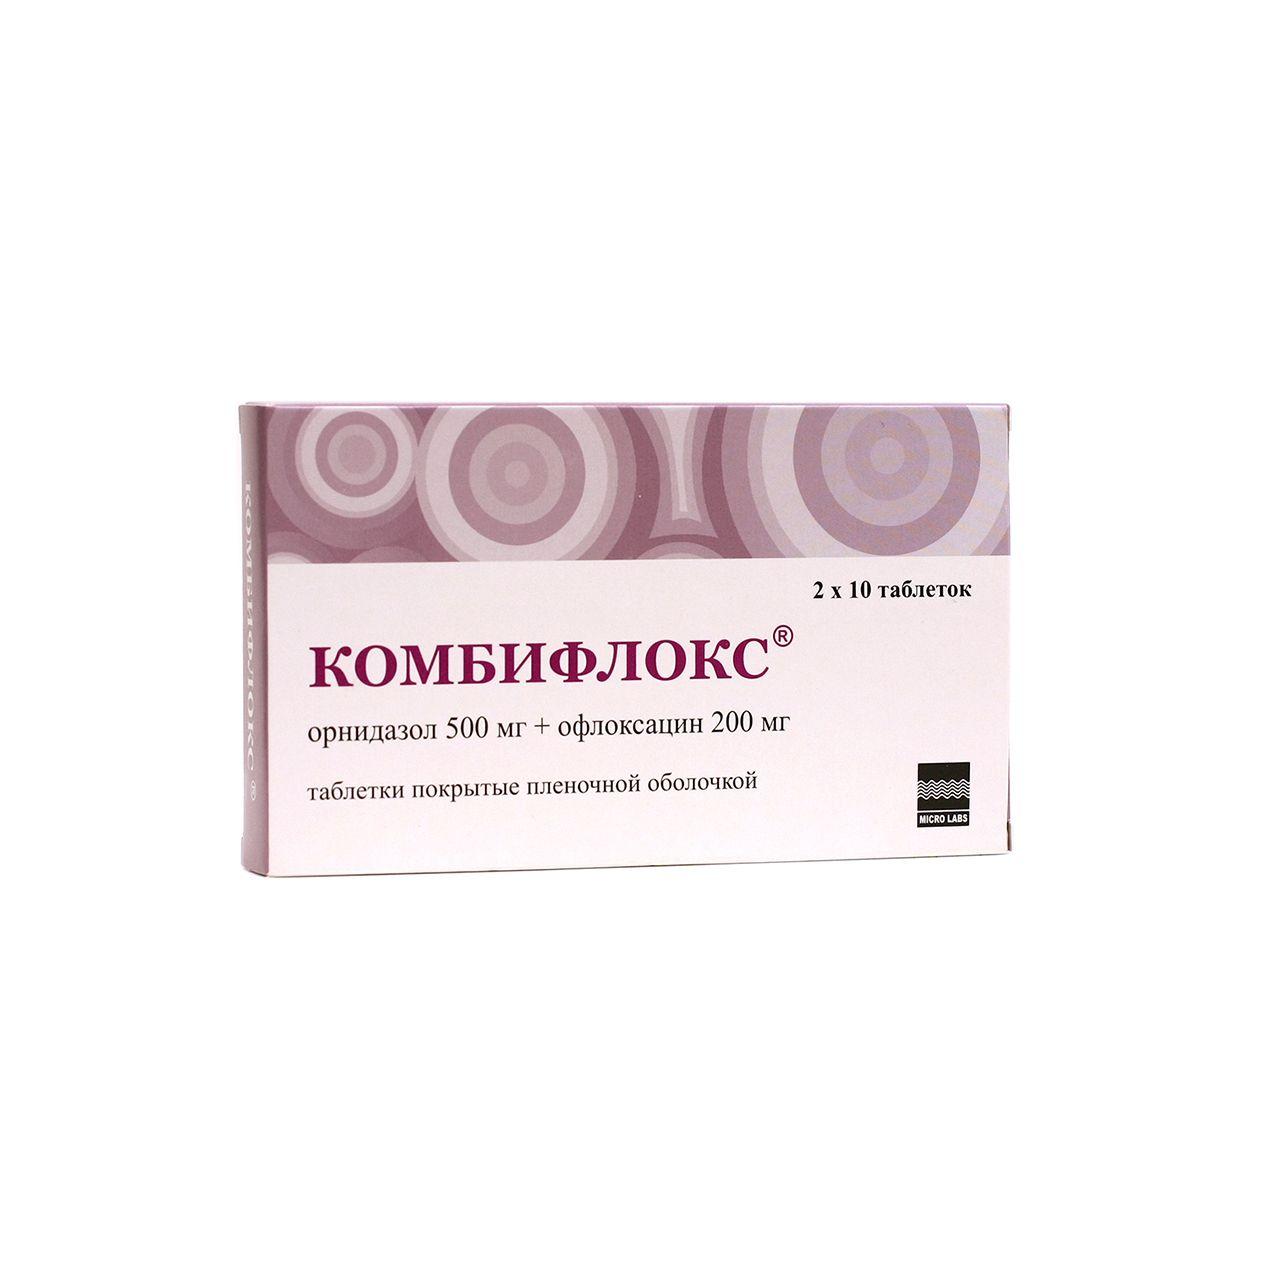 Комбифлокс, 500 мг+200 мг, таблетки, покрытые пленочной оболочкой, 20 шт.